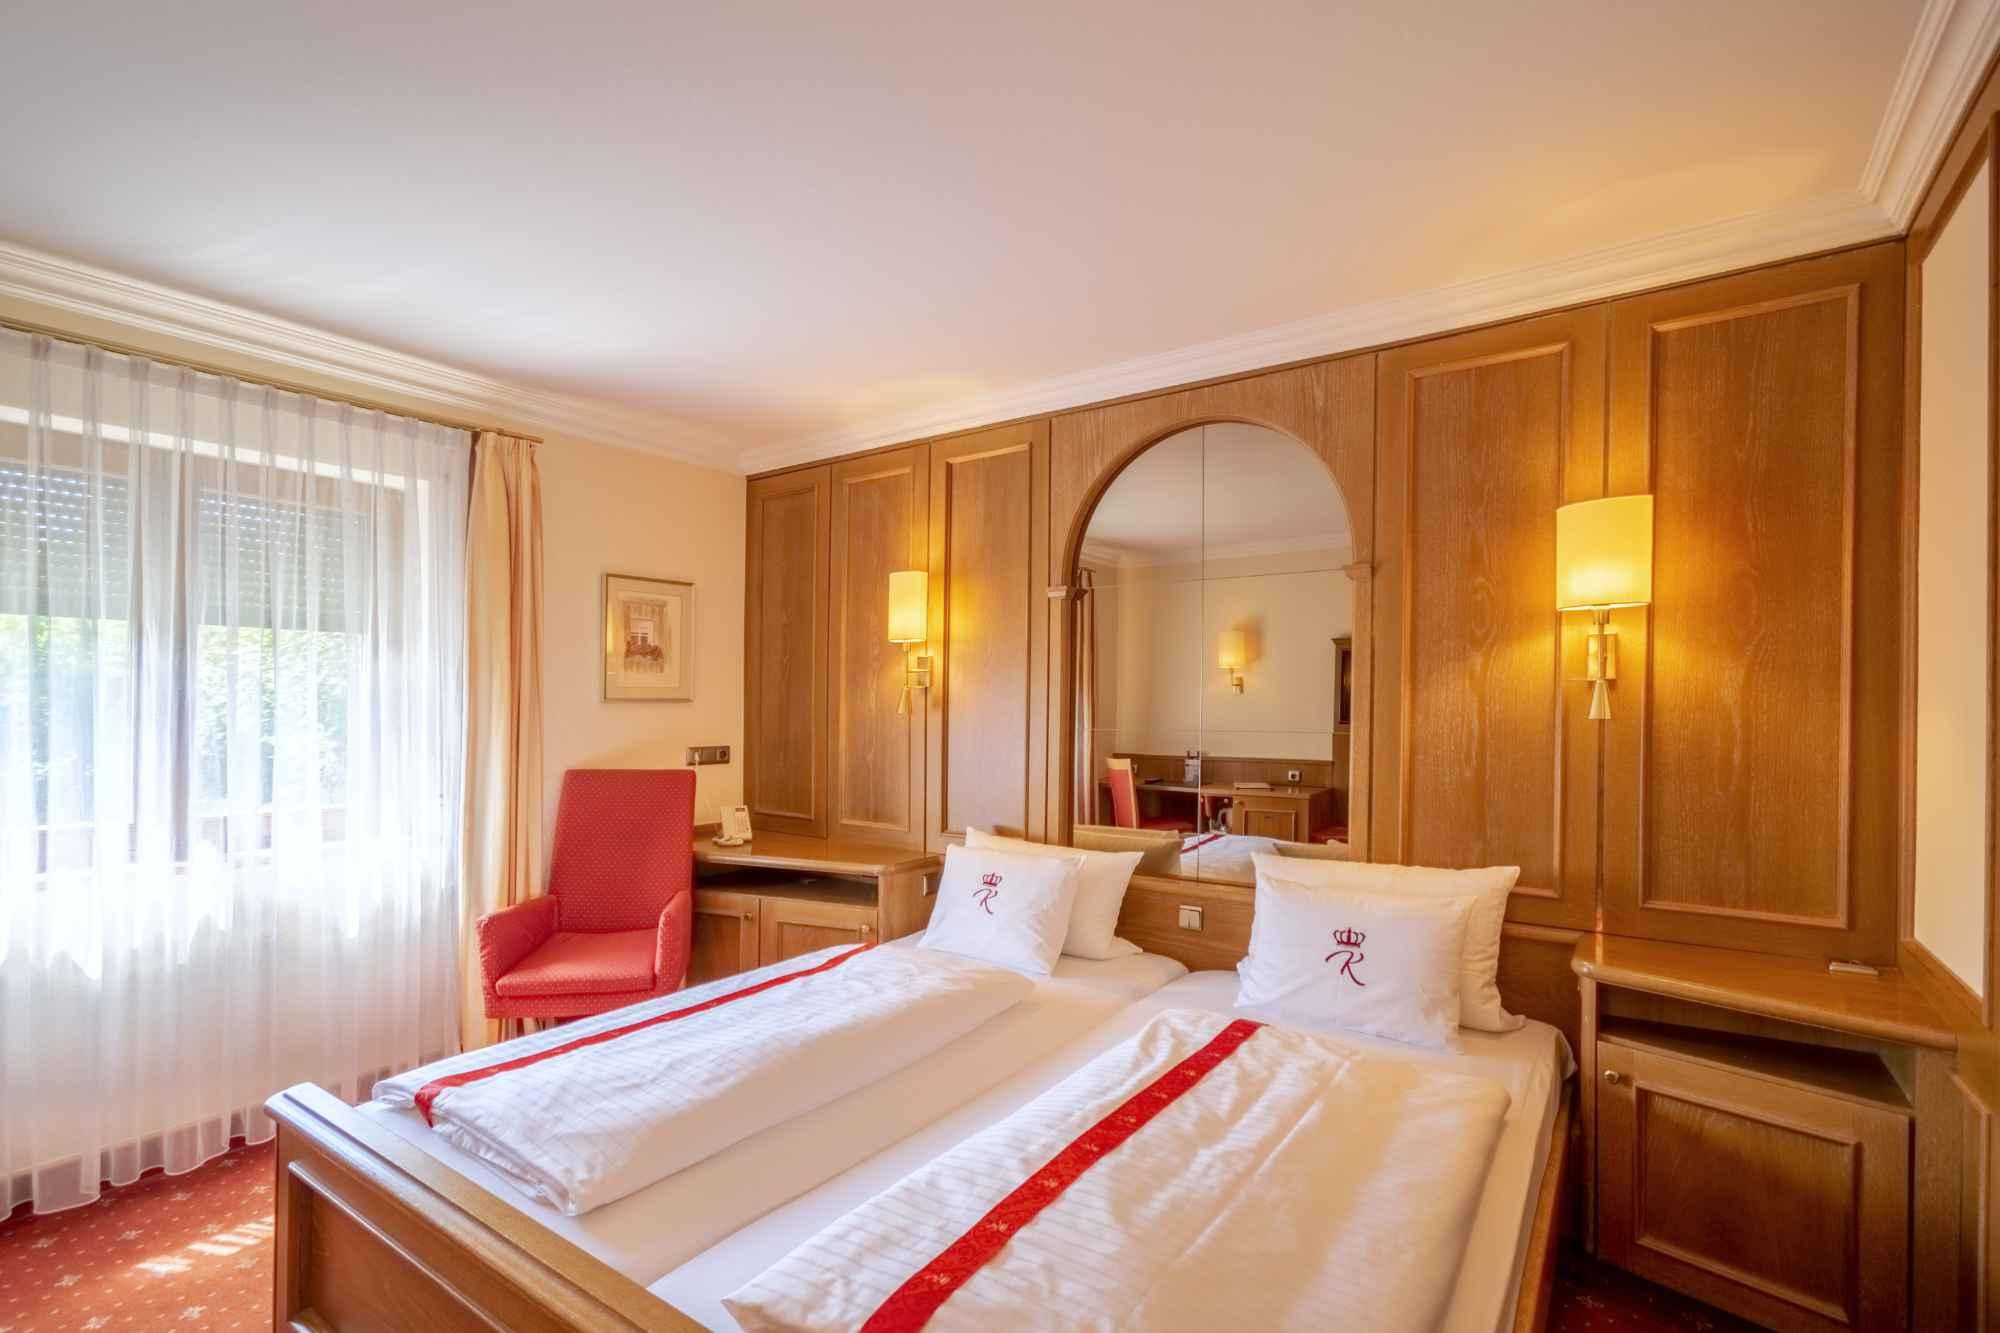 Französisches Bett Zimmer